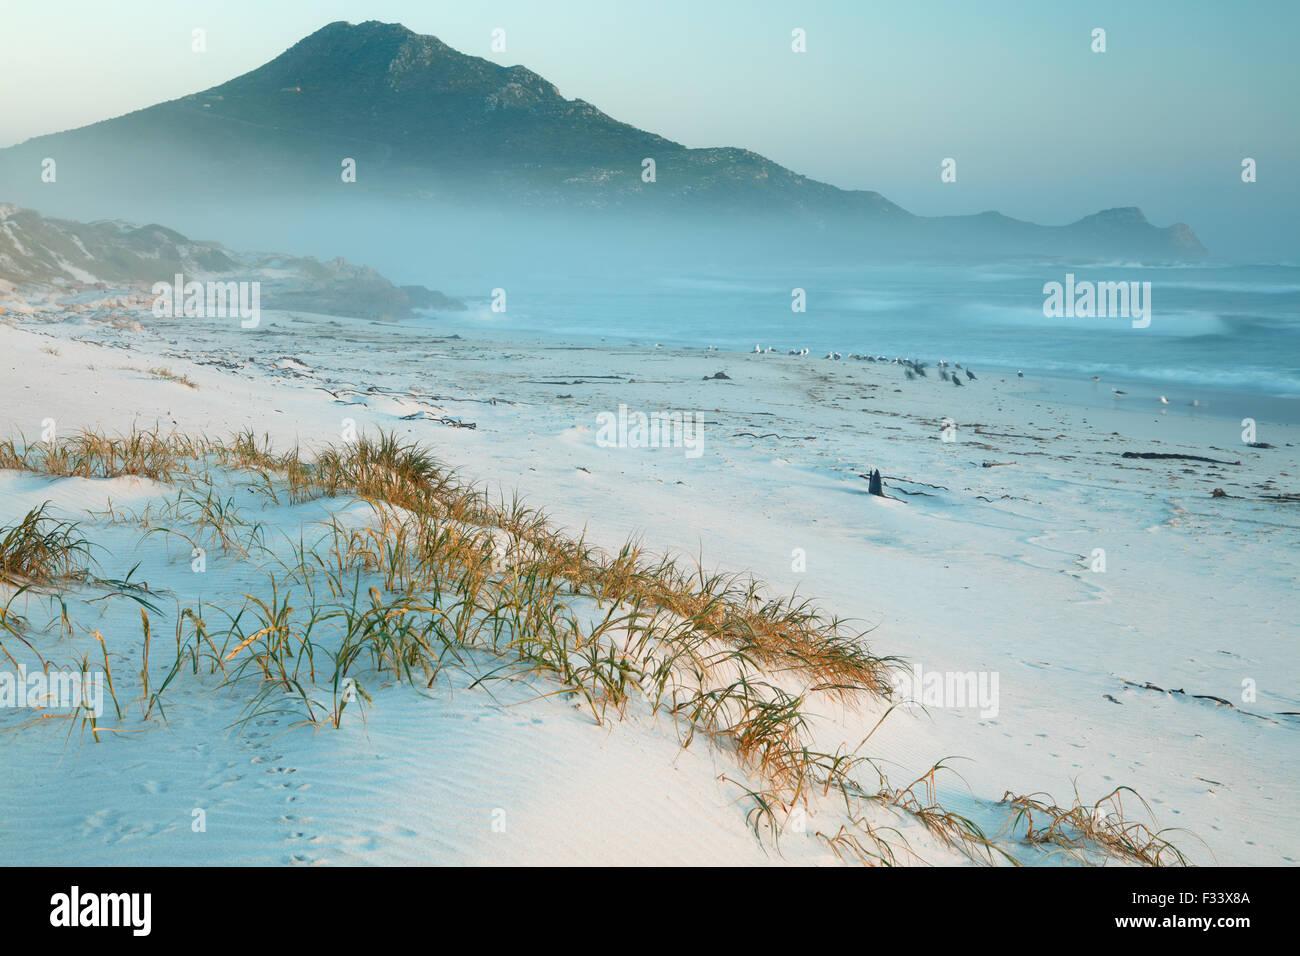 Les cormorans et les goélands sur Platboom Beach et le Cap de Bonne Espérance, Le Cap, Afrique du Sud Photo Stock